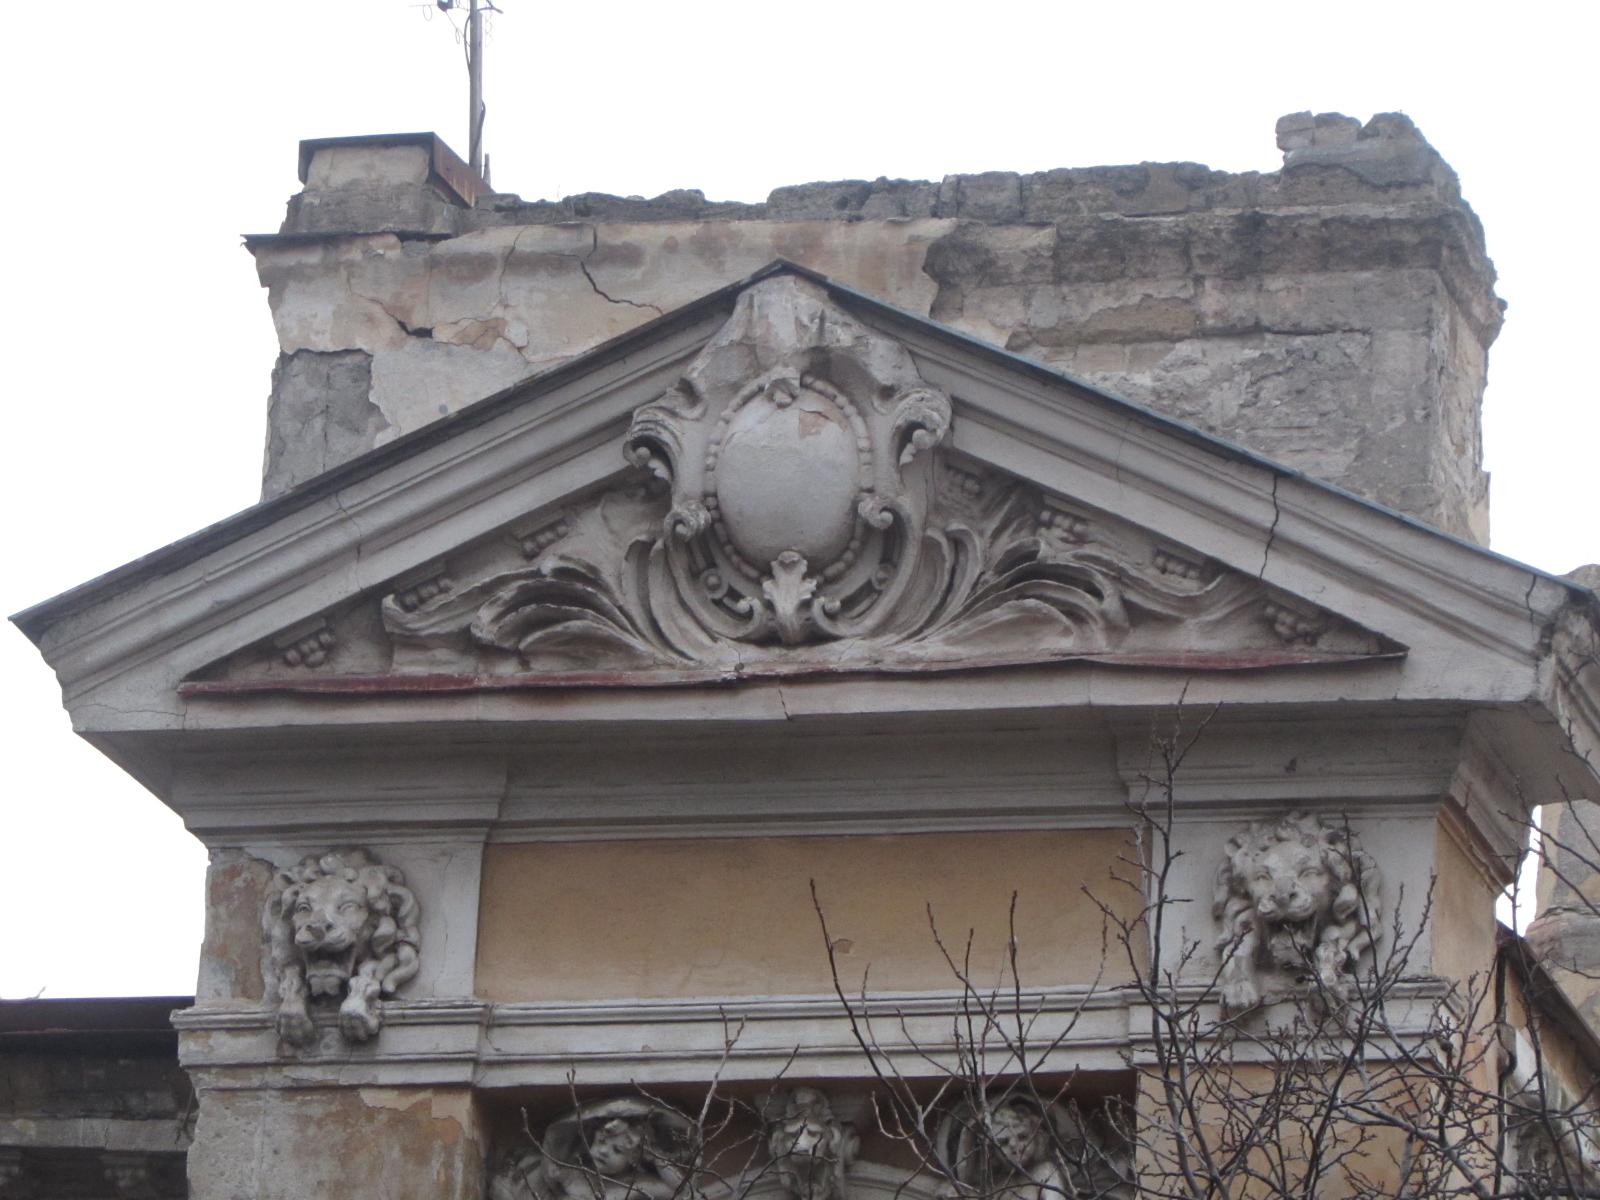 Штукартурка спадает с фасада, видно кирпичи